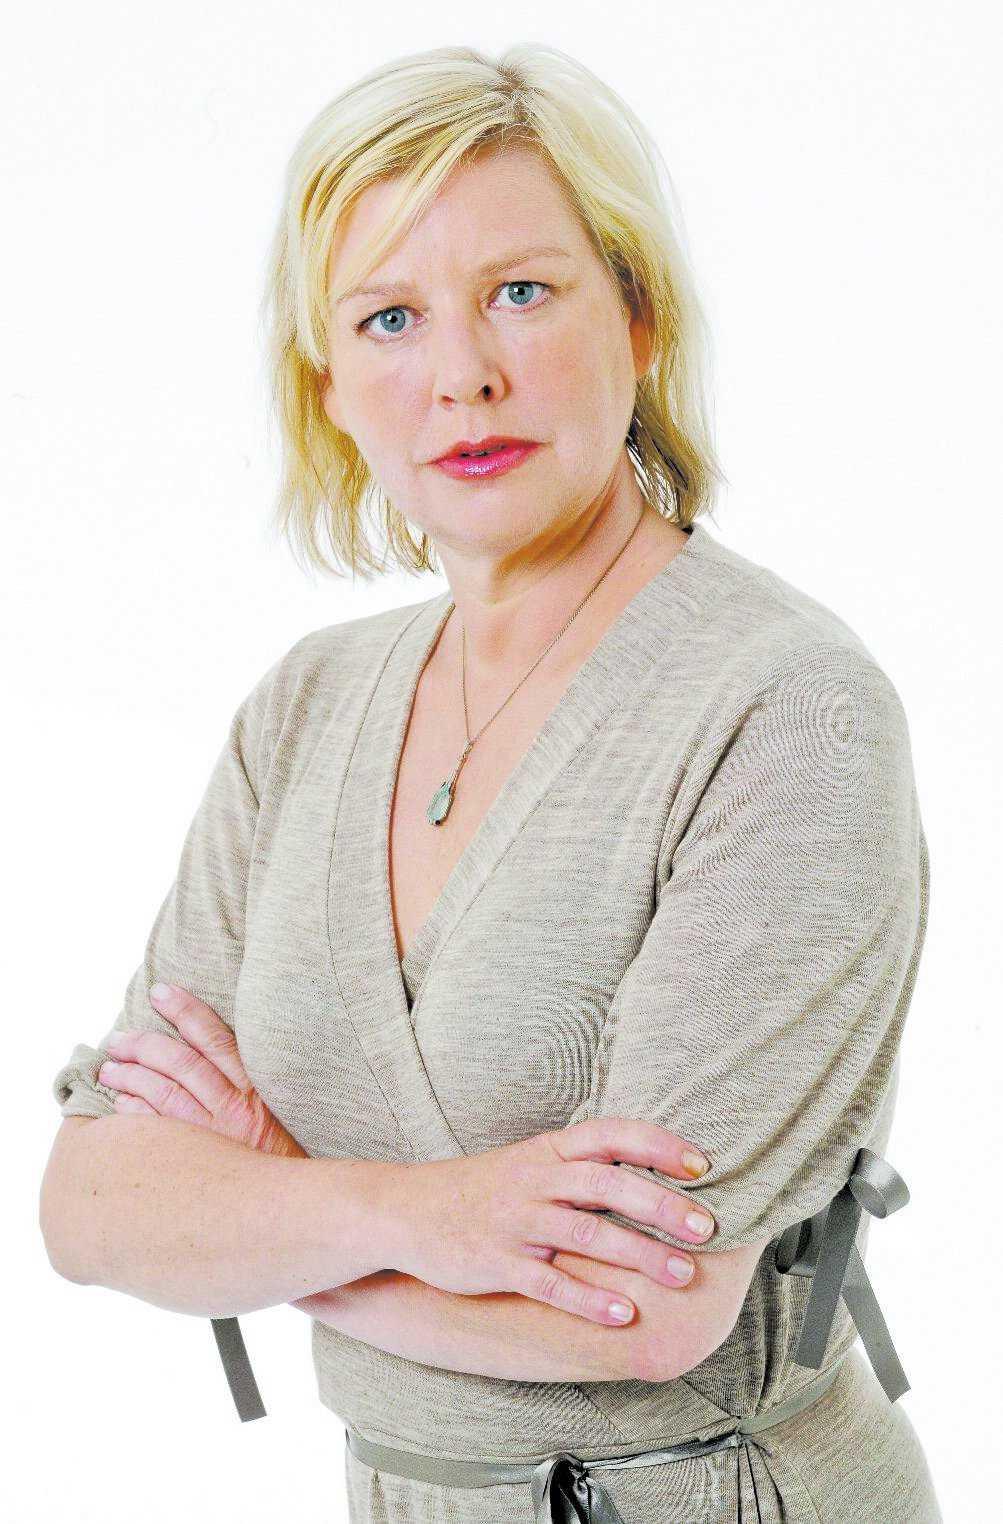 Aftonbladets reporter och matskribent Karin Ahlborg.